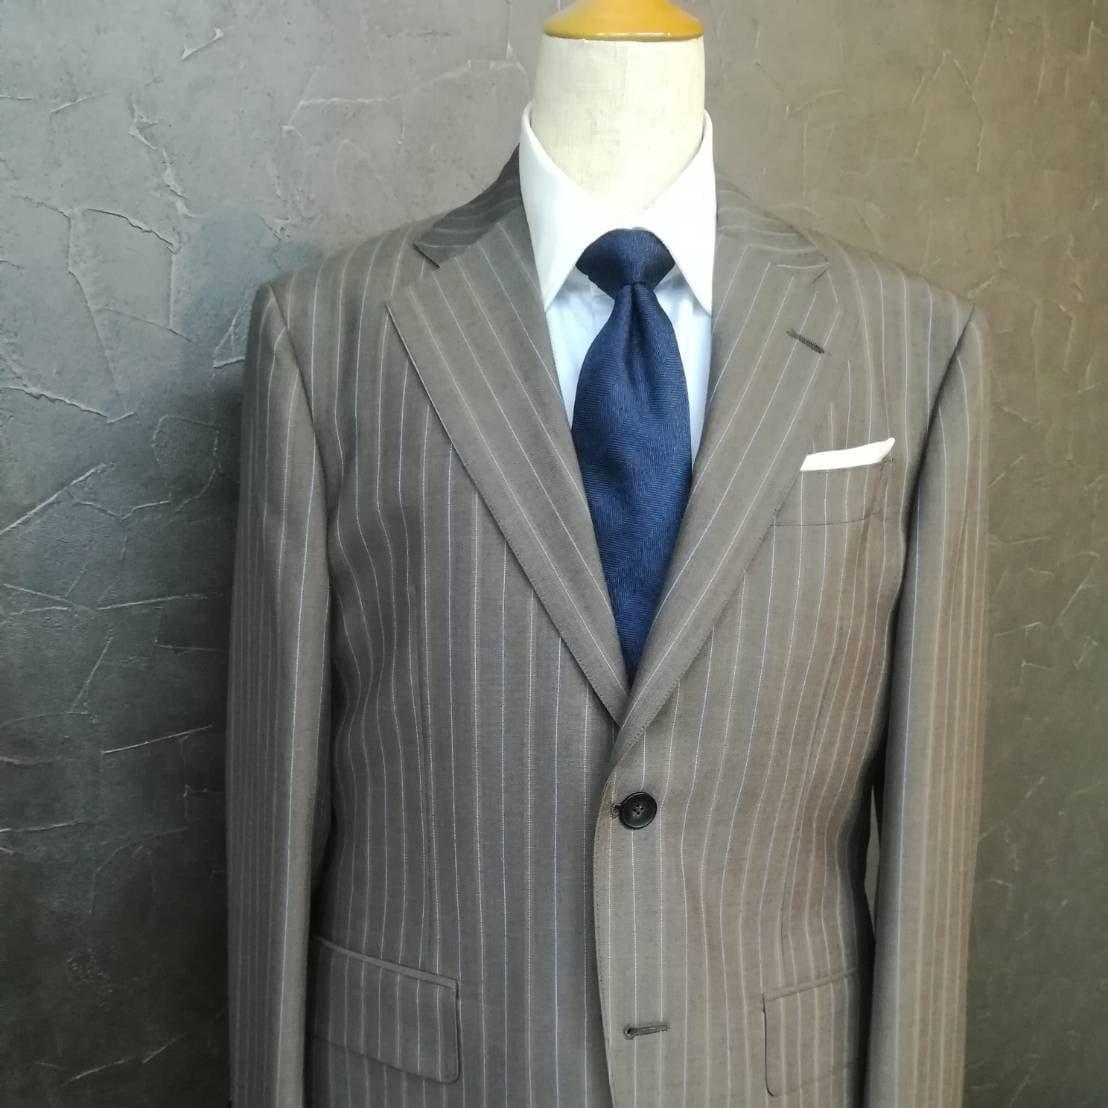 【現地払い専用】(THOMAS クラブ会員限定) スタンダード・オーダーメイドスーツのイメージその3